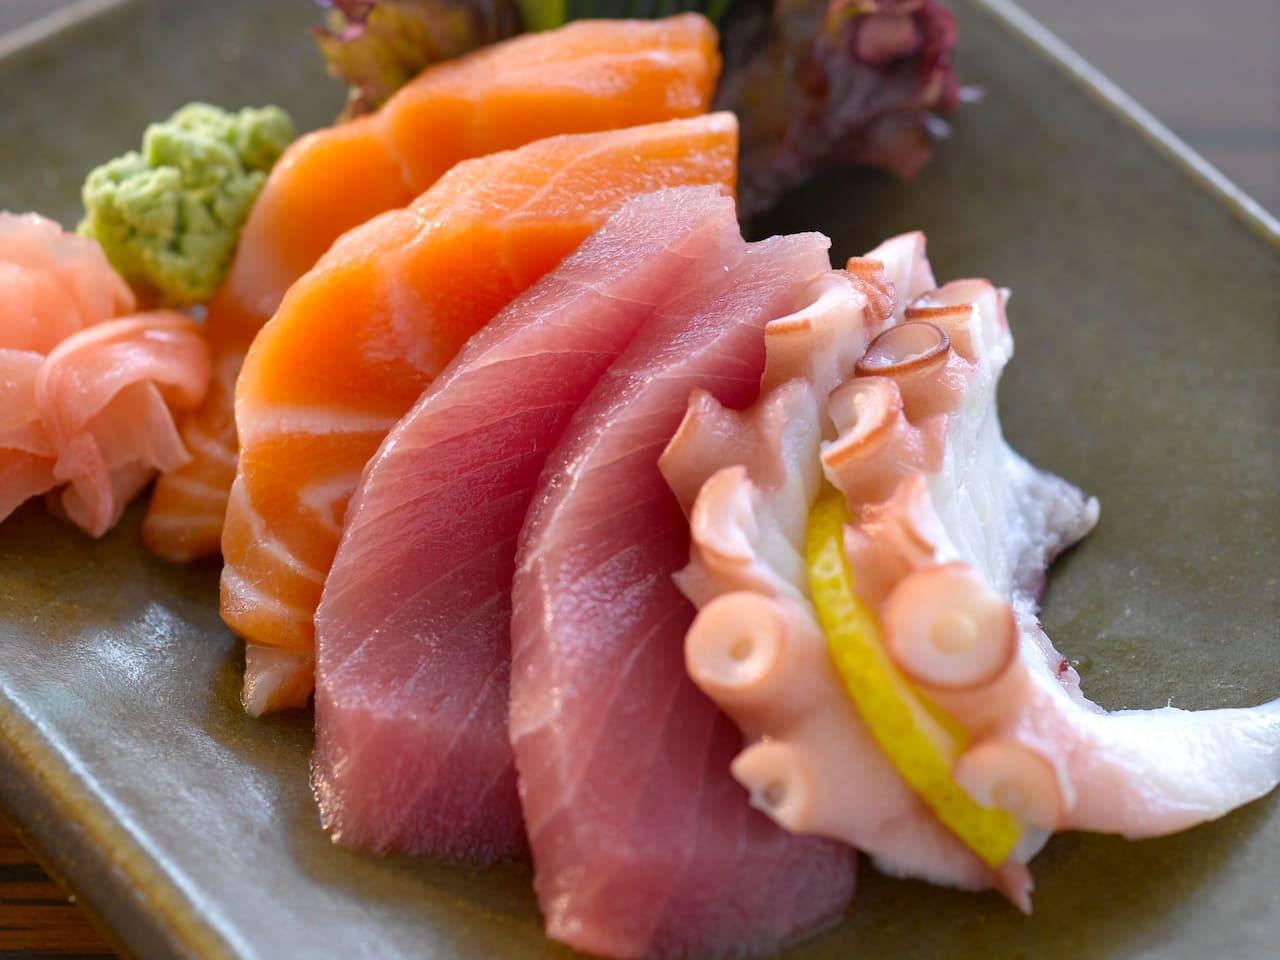 Nagisa Japanese Restaurant (Japanese Seafood Dishes) Hyatt Regency Kinabalu, Sabah